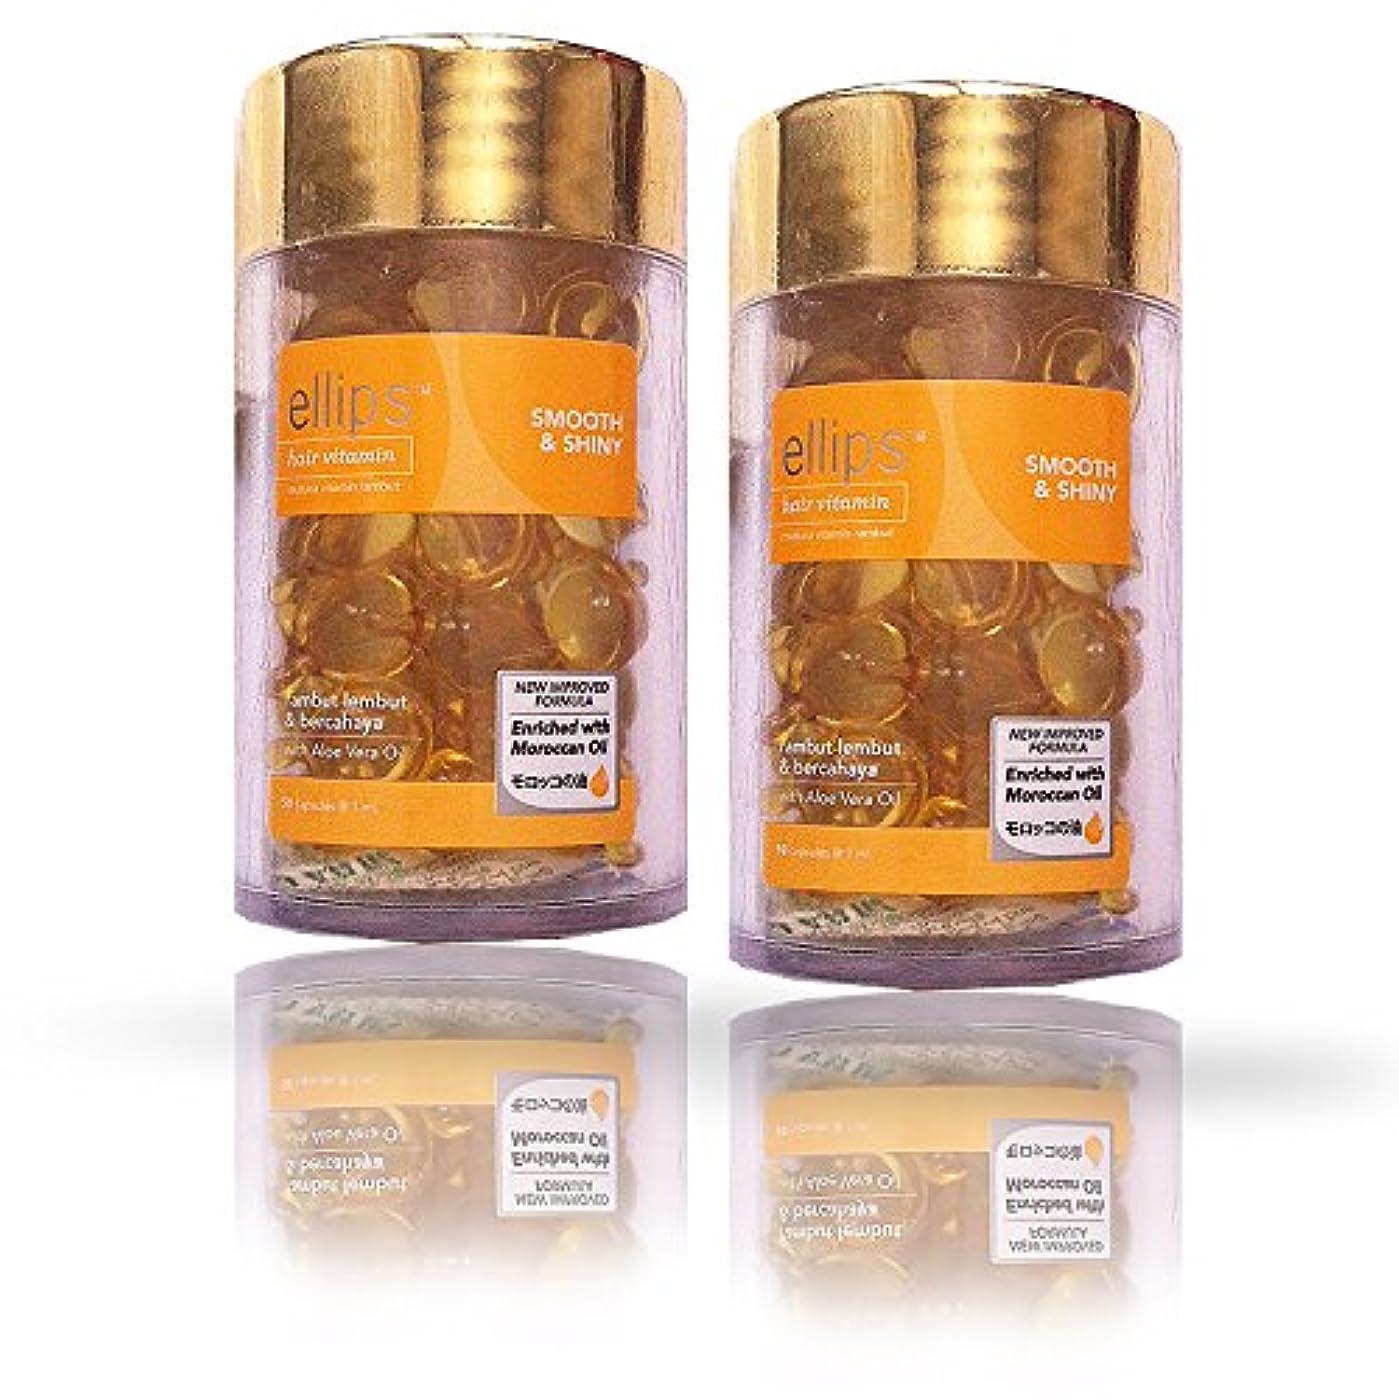 読書然とした全国エリップス(ellips)スムース&シャイニー(フレッシュ トロピカル フルーツの香り) ボトル50粒×2個